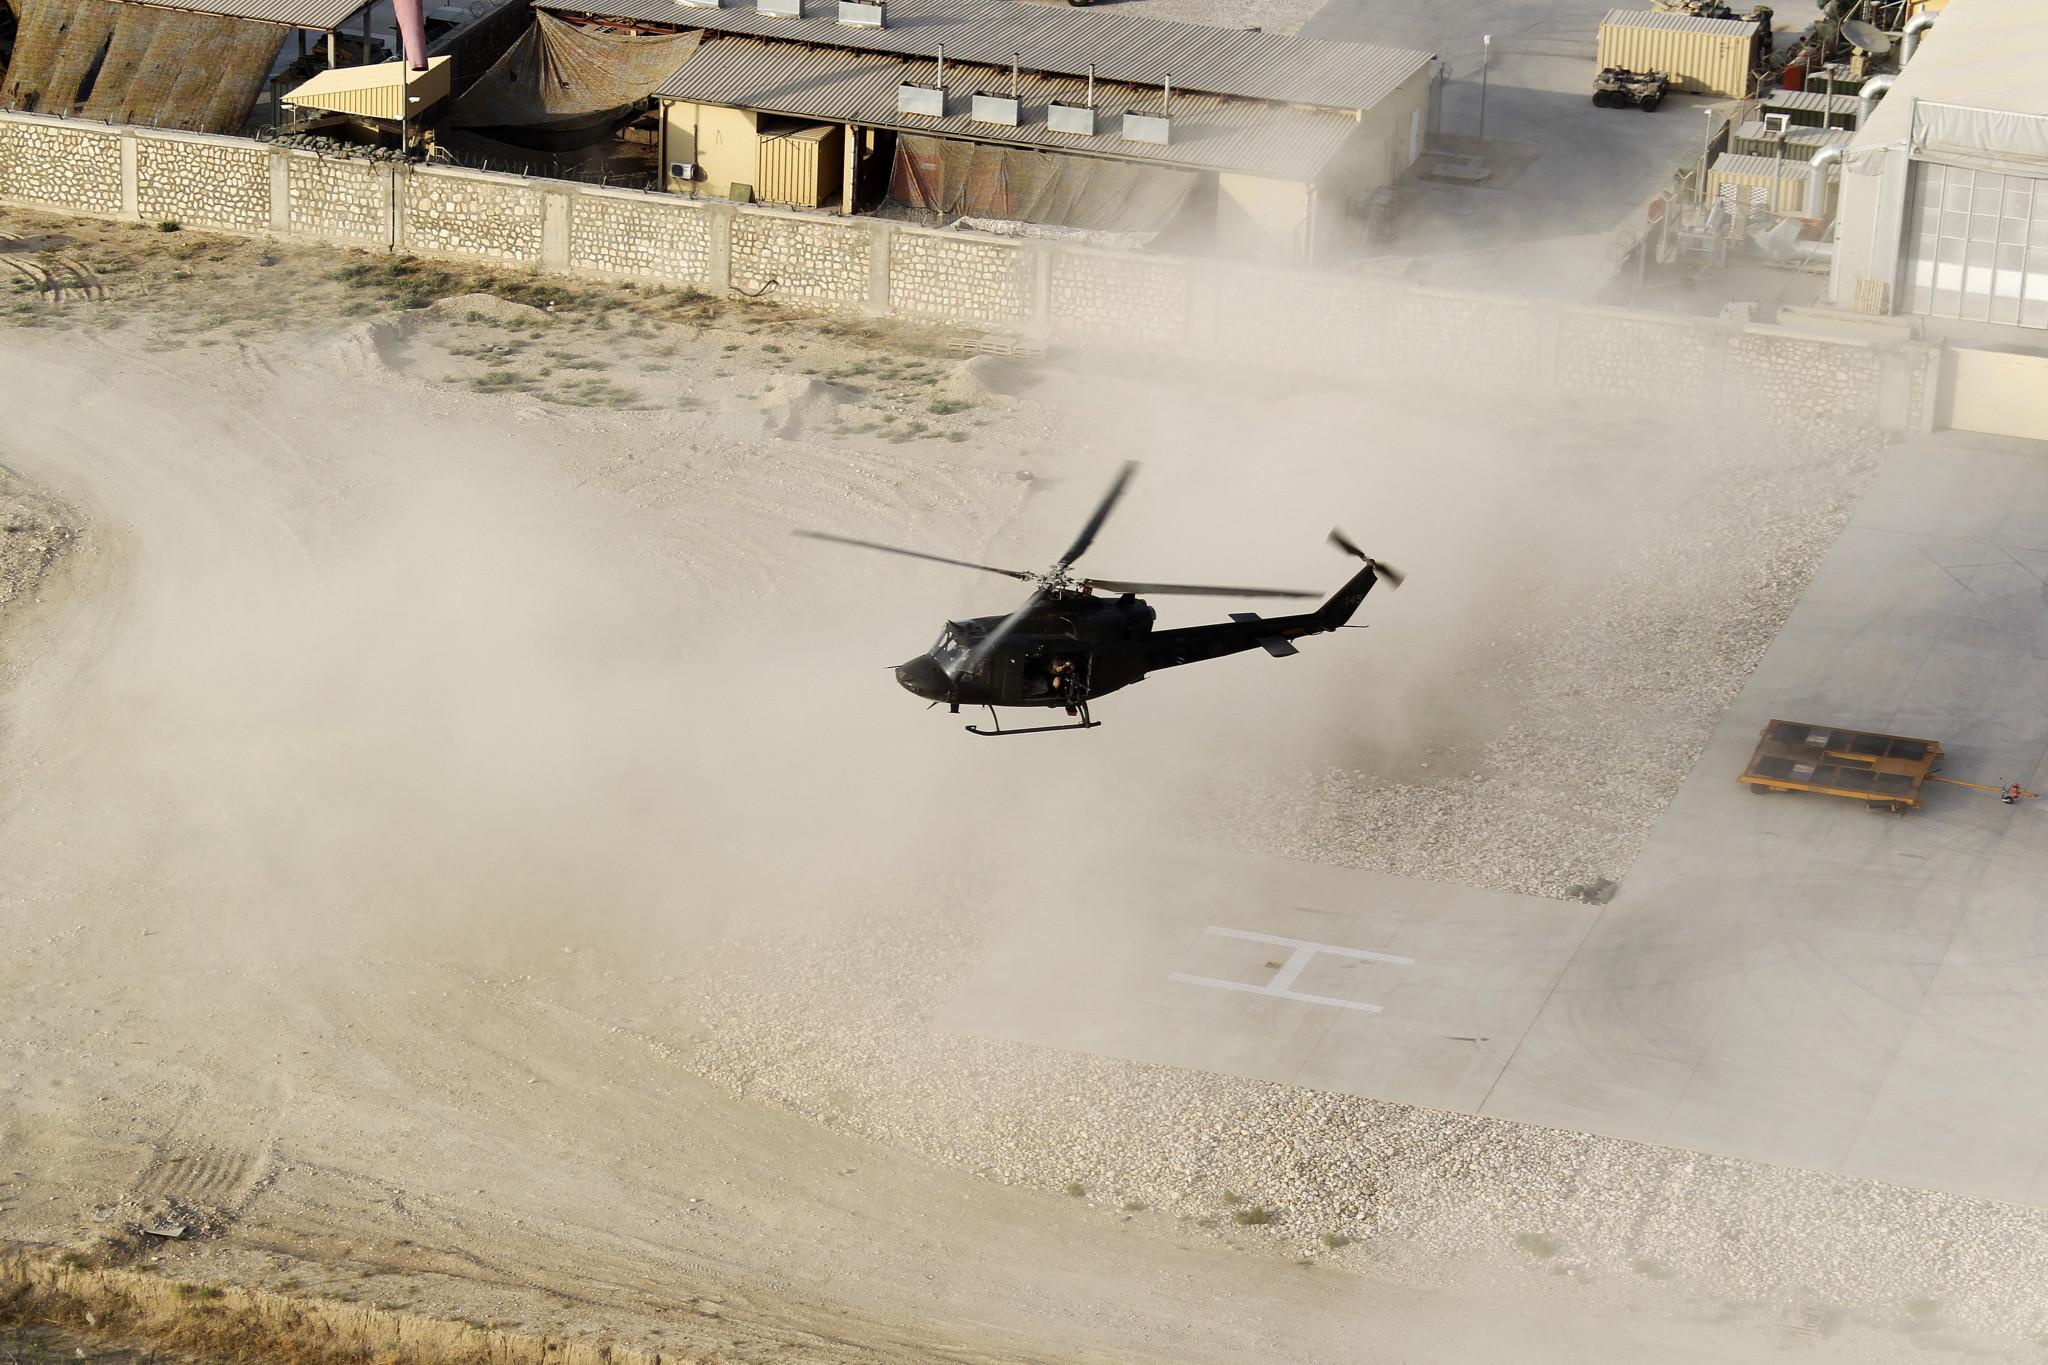 Et norsk Bell 412 SP tar av fra PRT basen i Meymaneh i Nord-Afghanistan i august 2010. Foto: PER IVAR STRØMSMOEN/FORSVARET